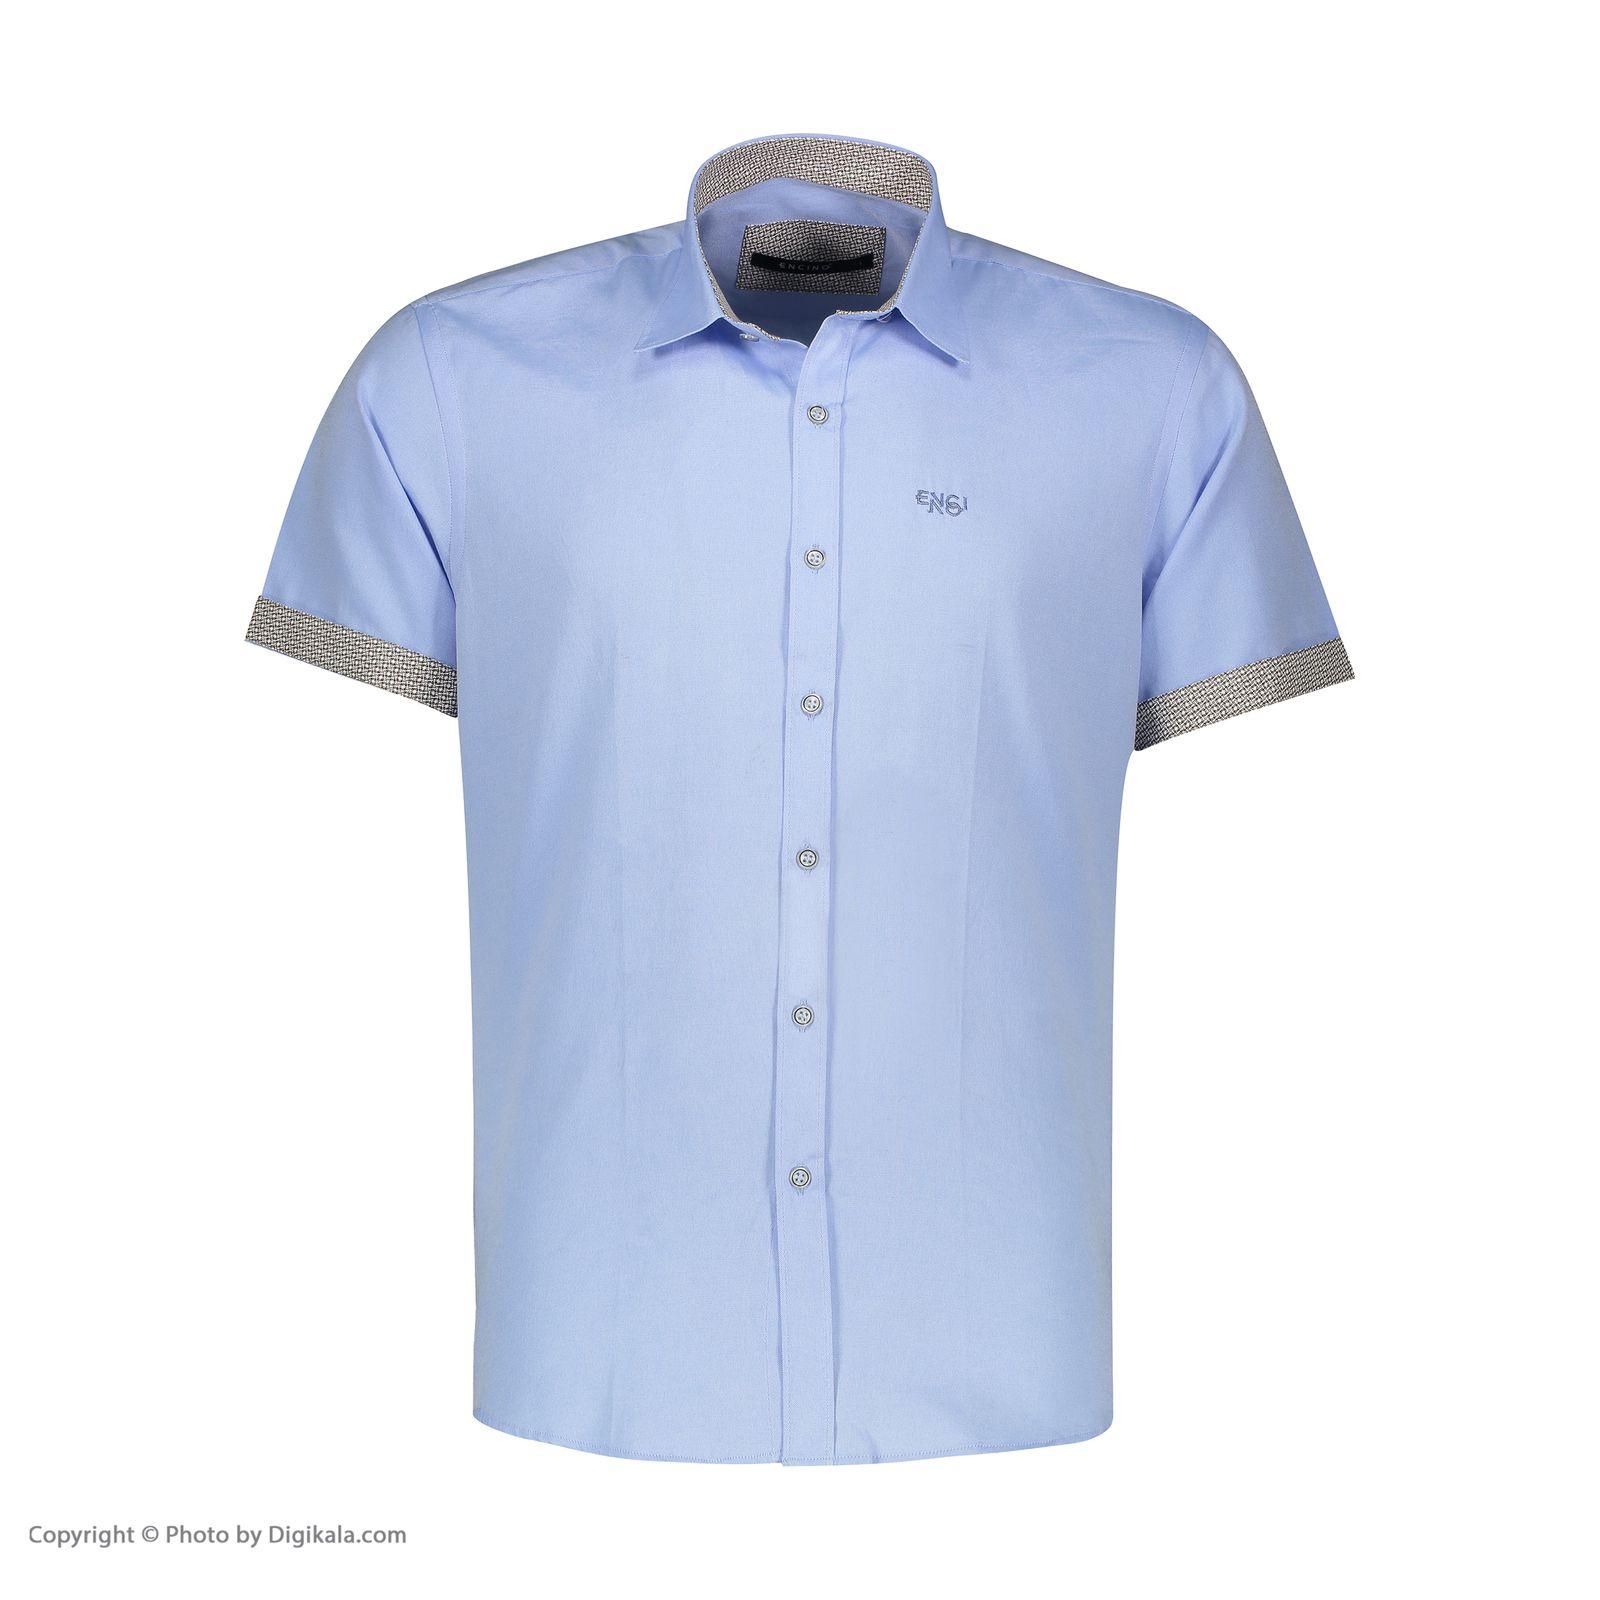 پیراهن آستین کوتاه مردانه ان سی نو مدل جرارد رنگ آبی -  - 2